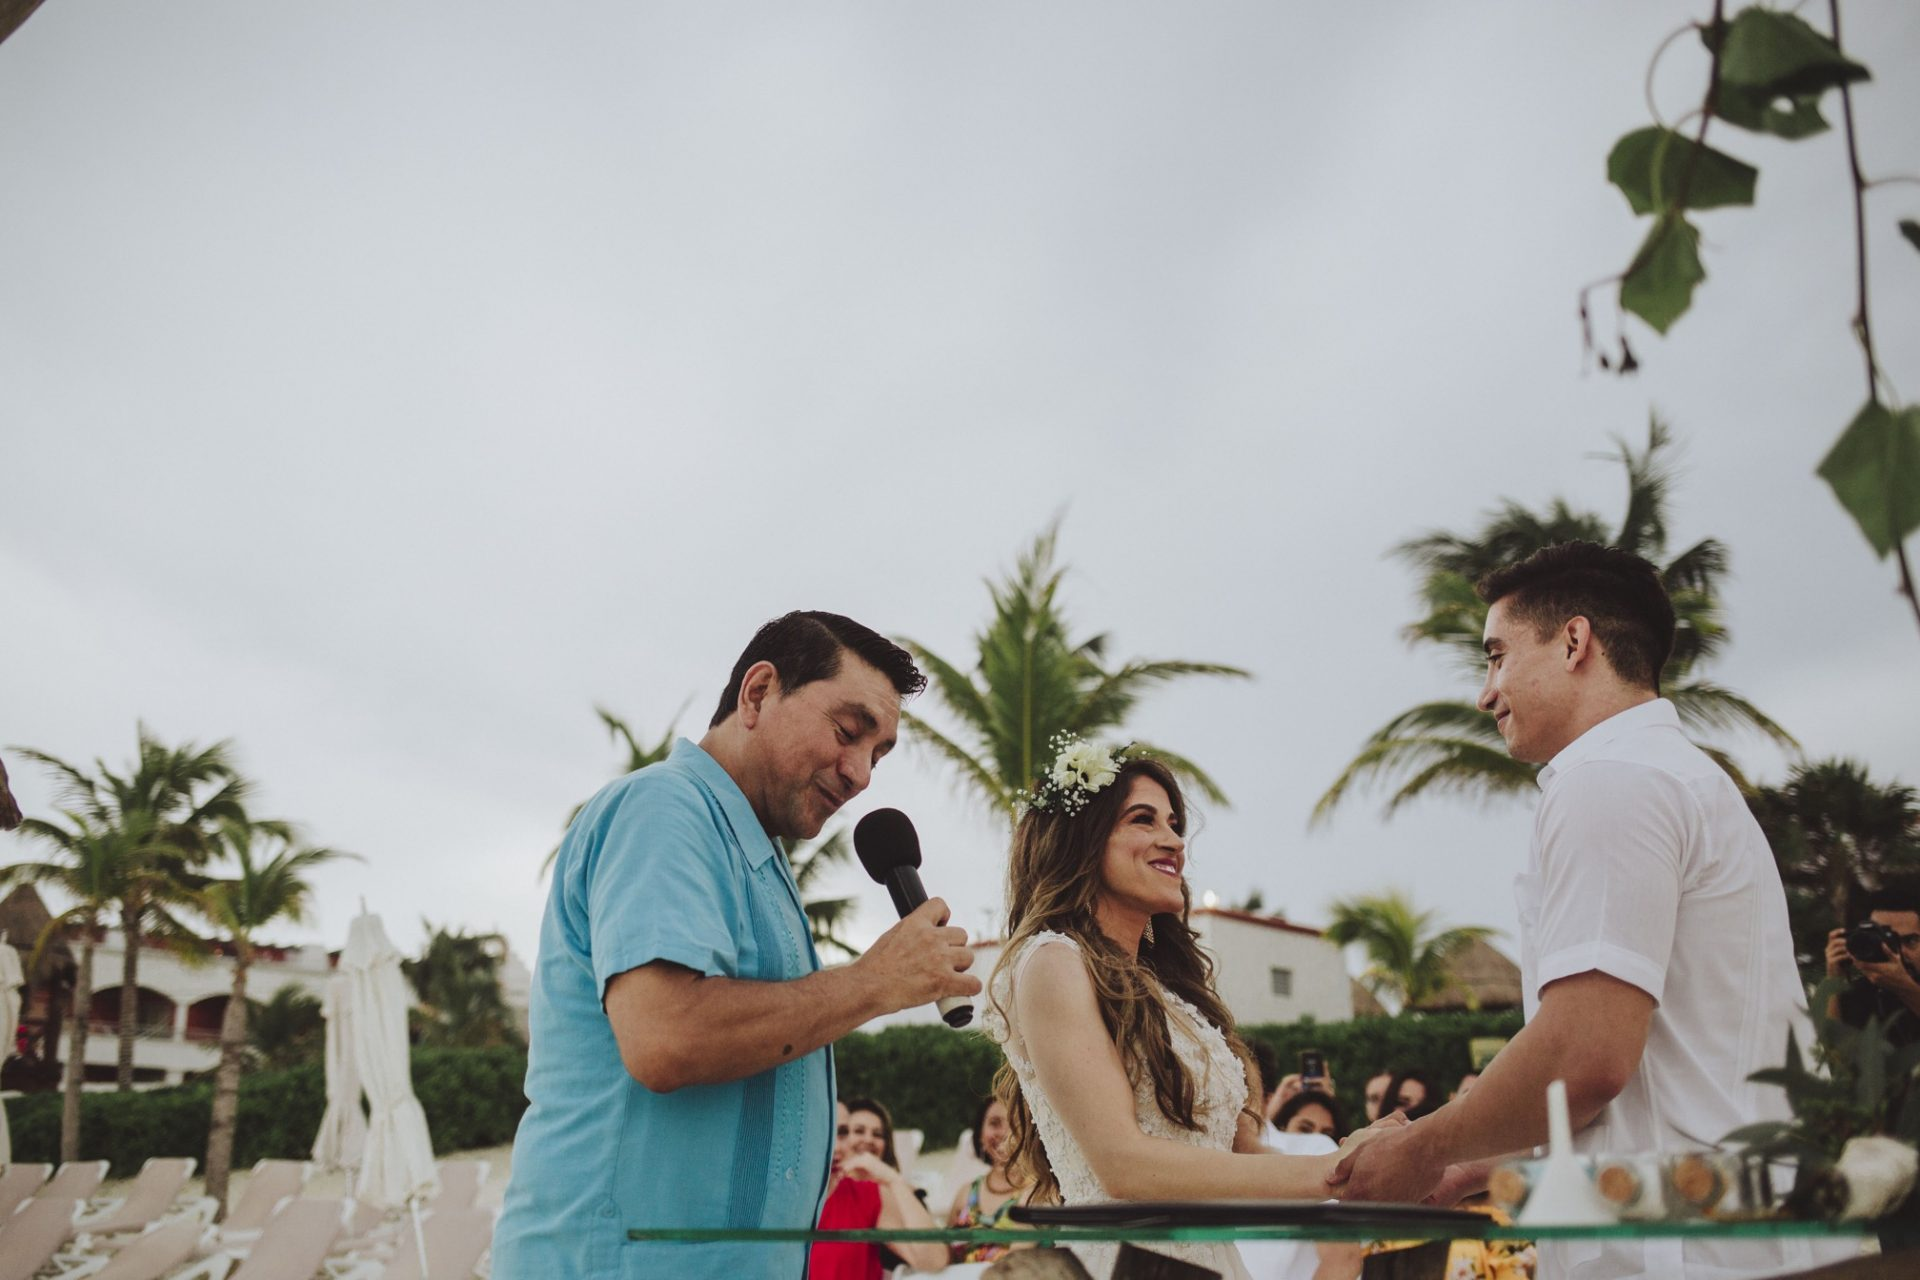 fotografo_bodas_profesional_zacatecas_riviera_maya_cancun-51